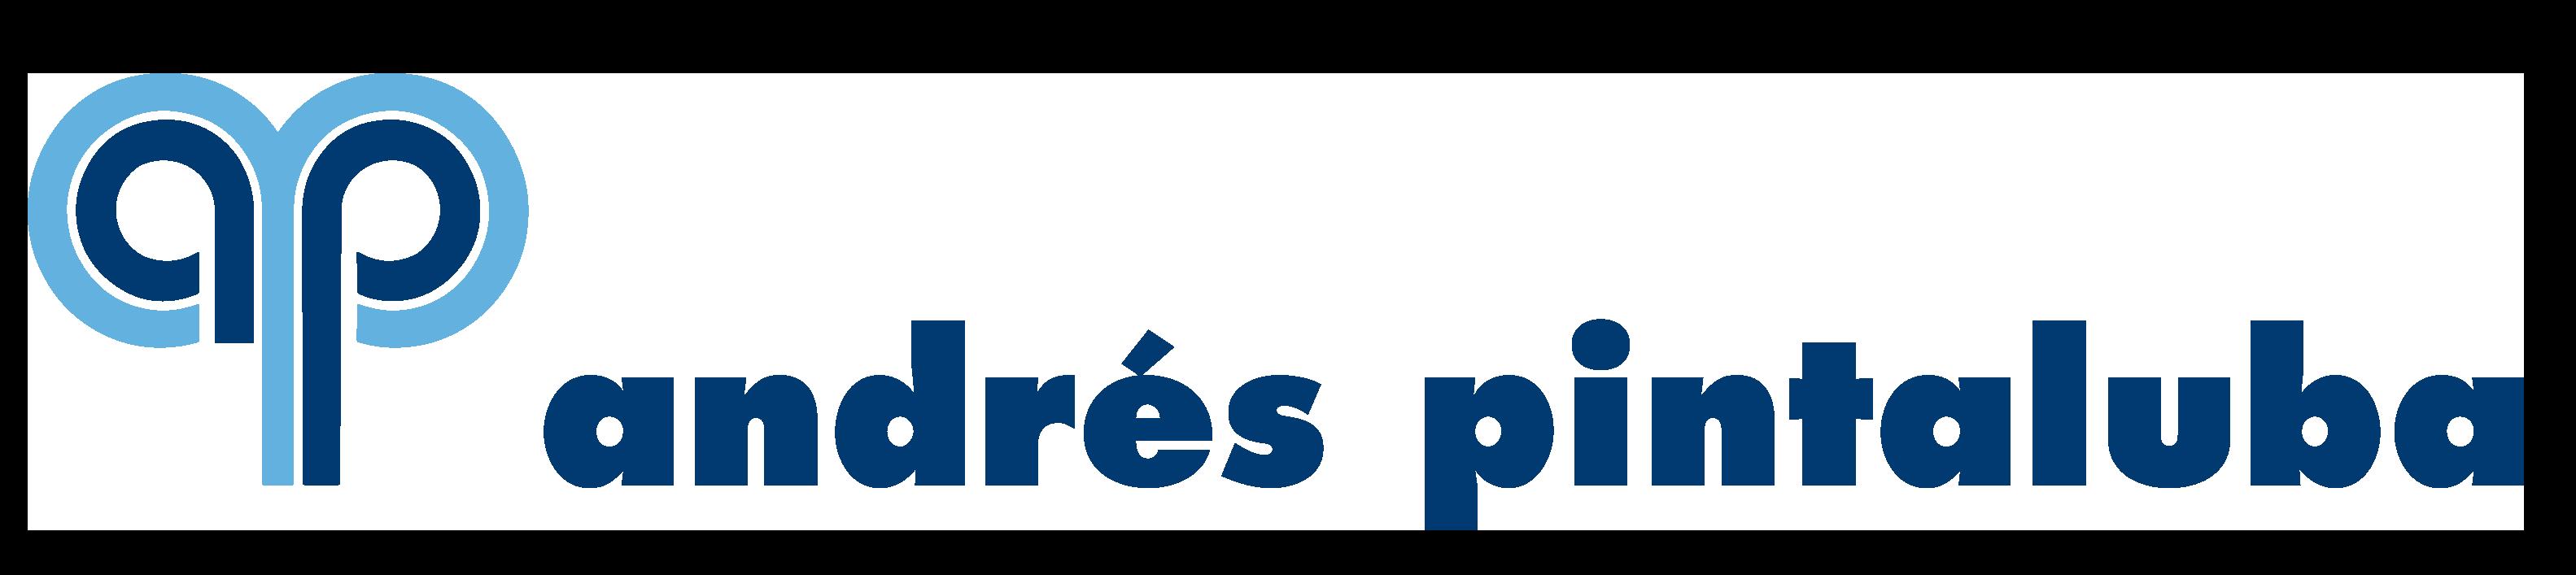 Pintaluba